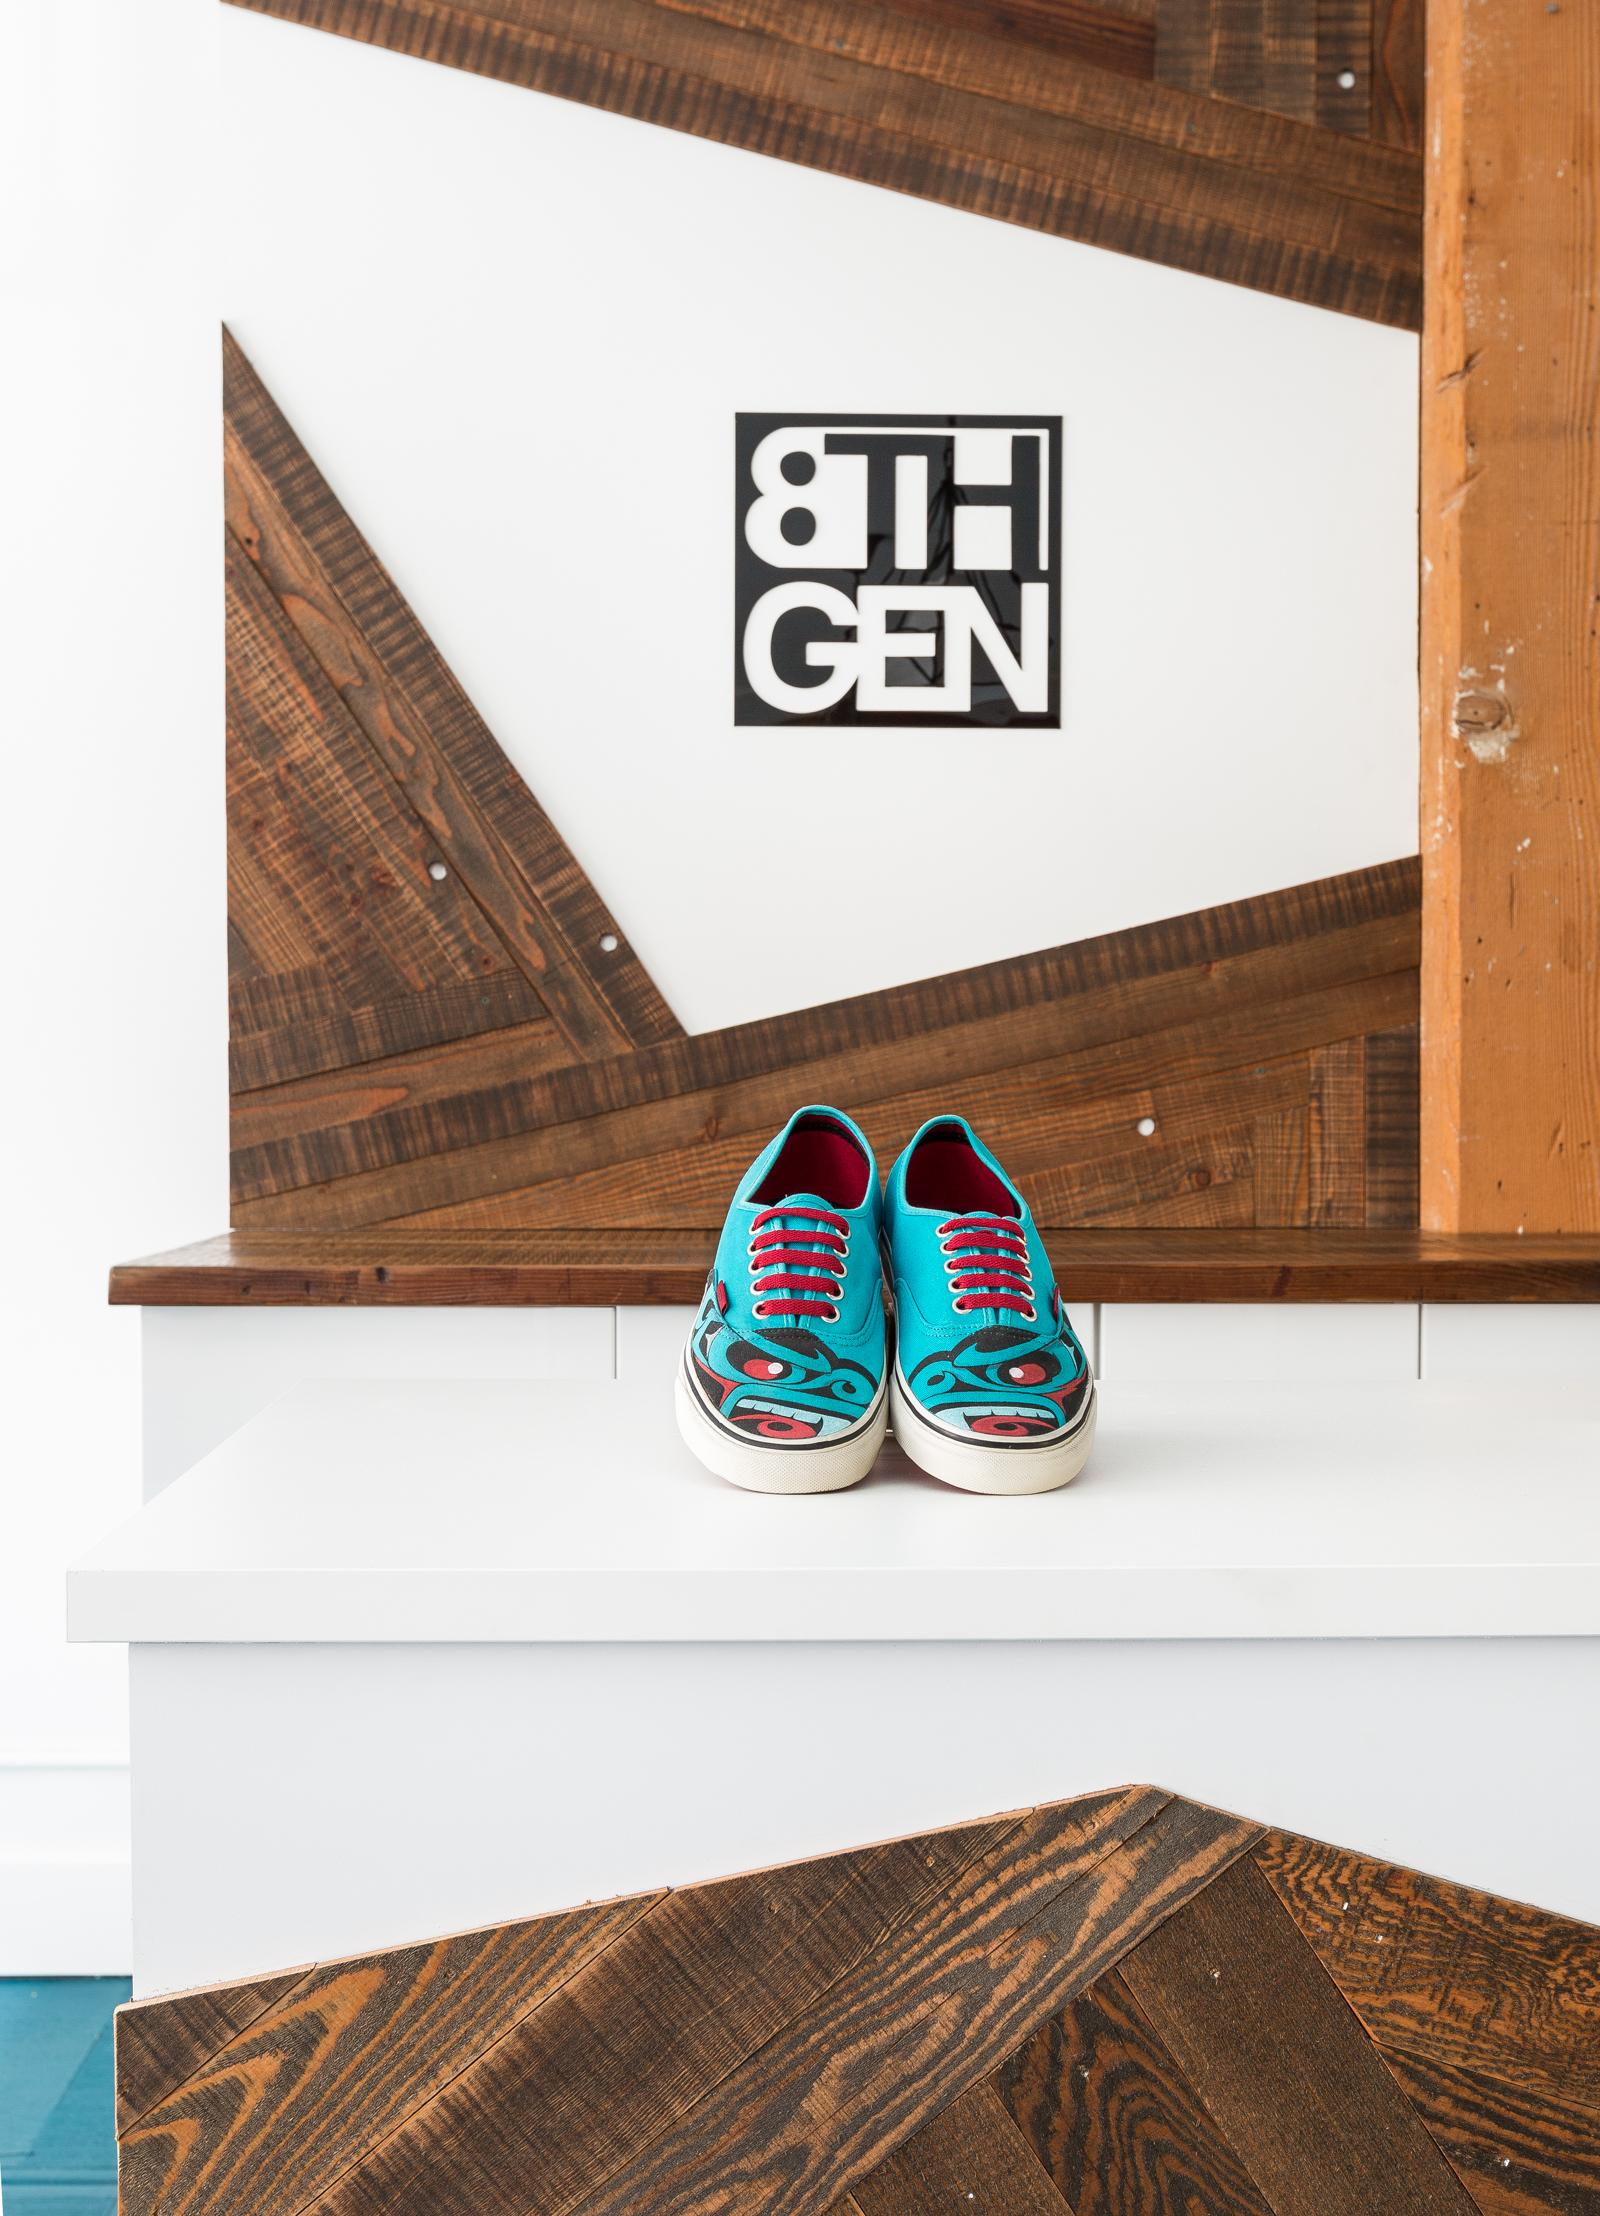 Eighth_Generation_Michelle_Dirkse-13.jpg